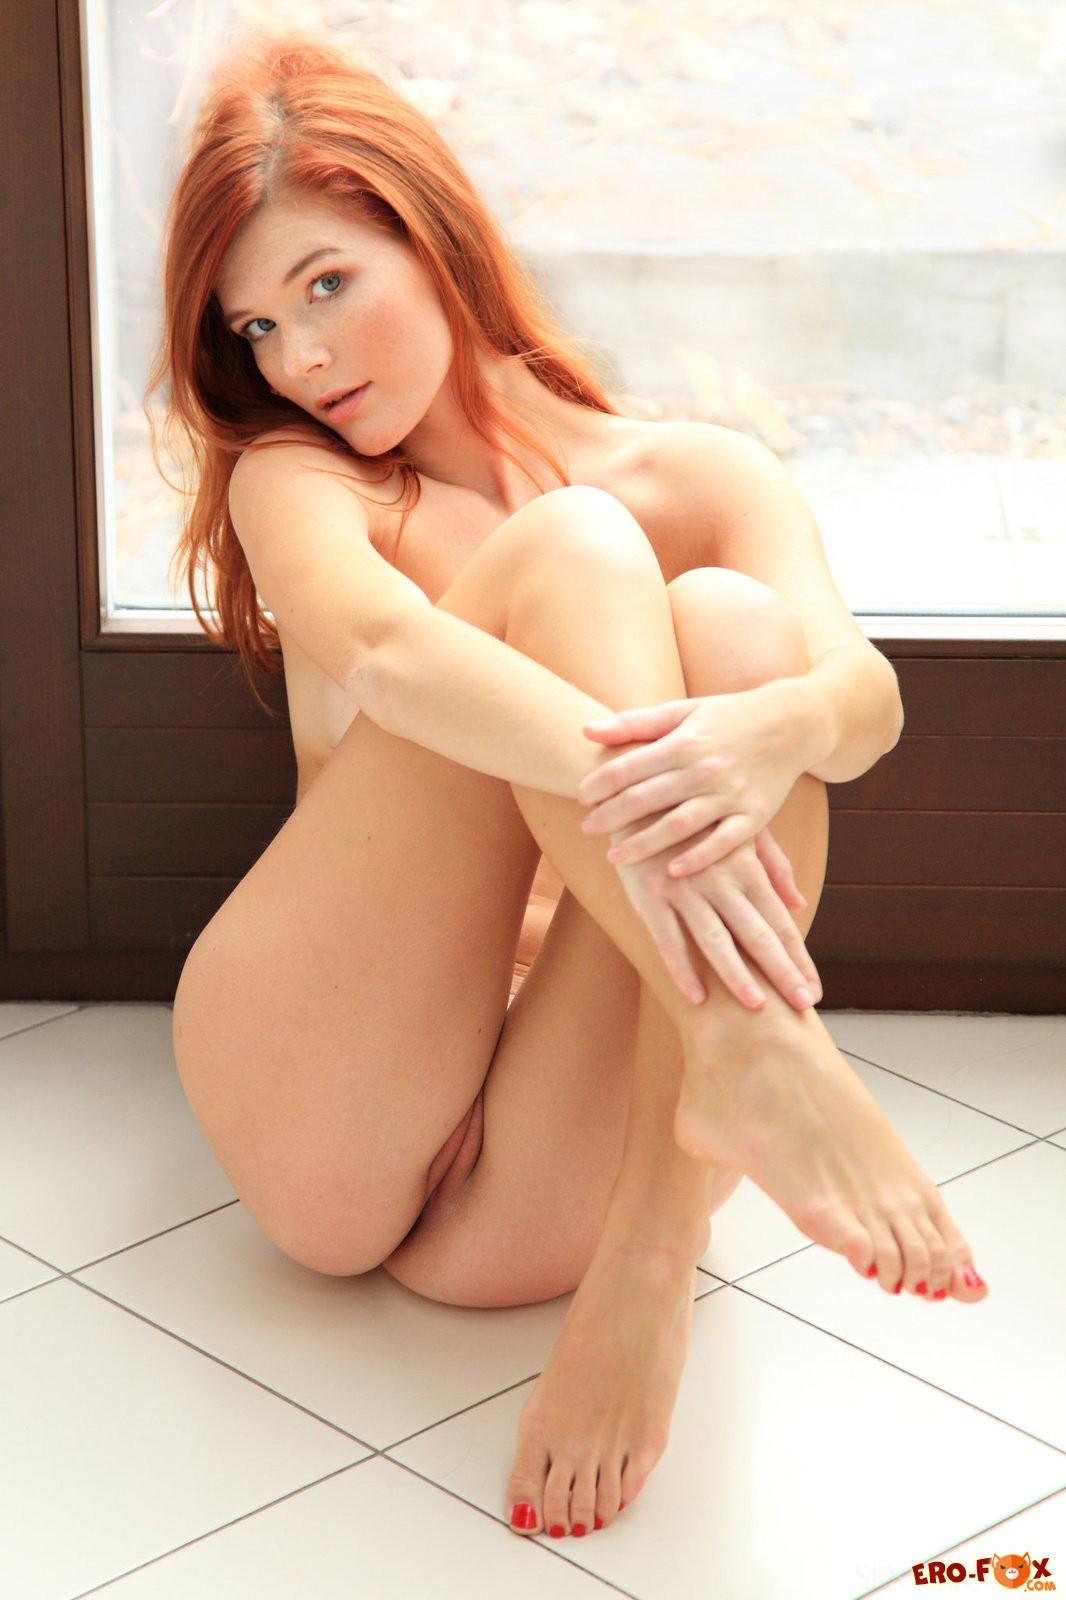 Голая рыжая девушка с упругой грудью .